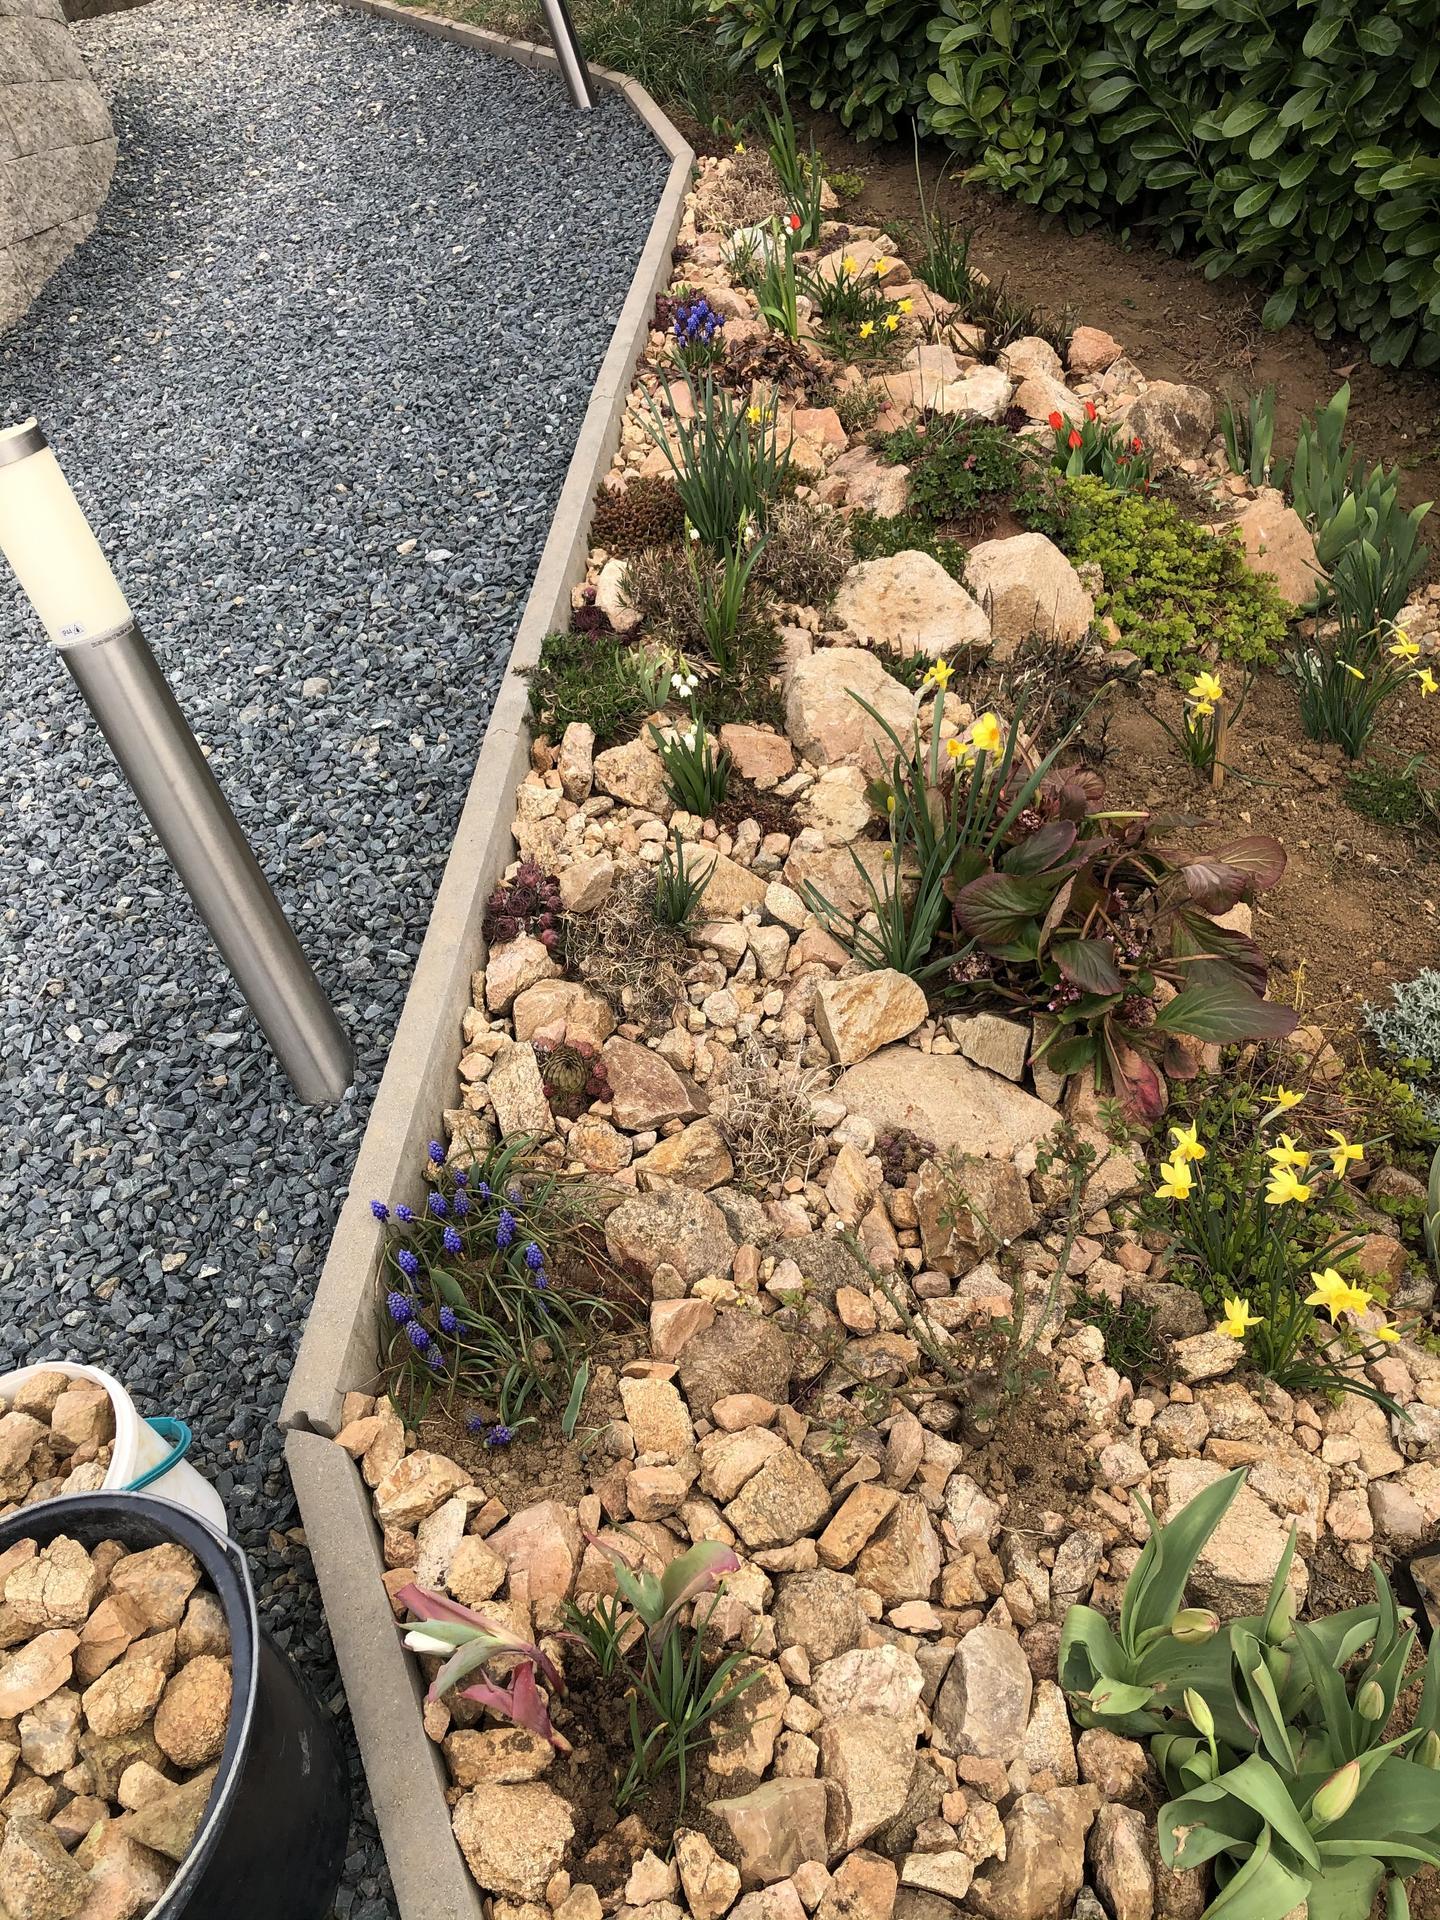 Skřítčí zahrada 2021 - Duben 2021 - na přelomu jara a léta do skalky doplním trvalky a na podzim bych ráda zasadila další cibuloviny